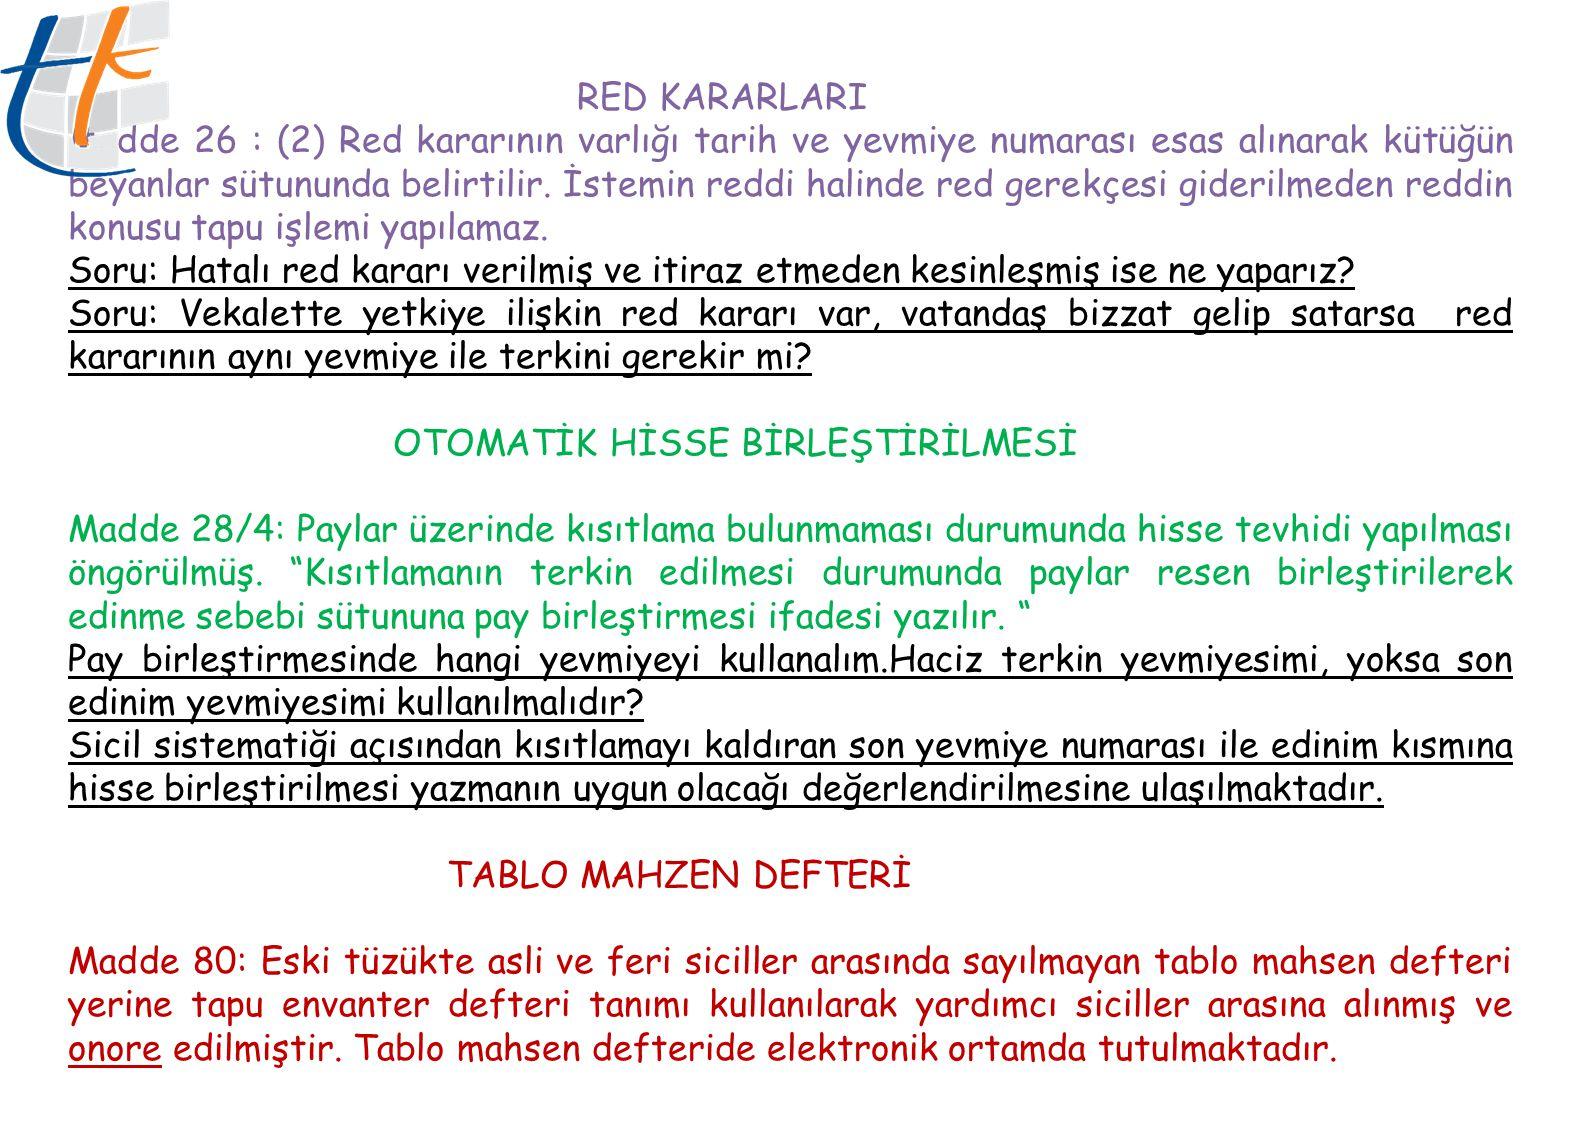 RED KARARLARI Madde 26 : (2) Red kararının varlığı tarih ve yevmiye numarası esas alınarak kütüğün beyanlar sütununda belirtilir.